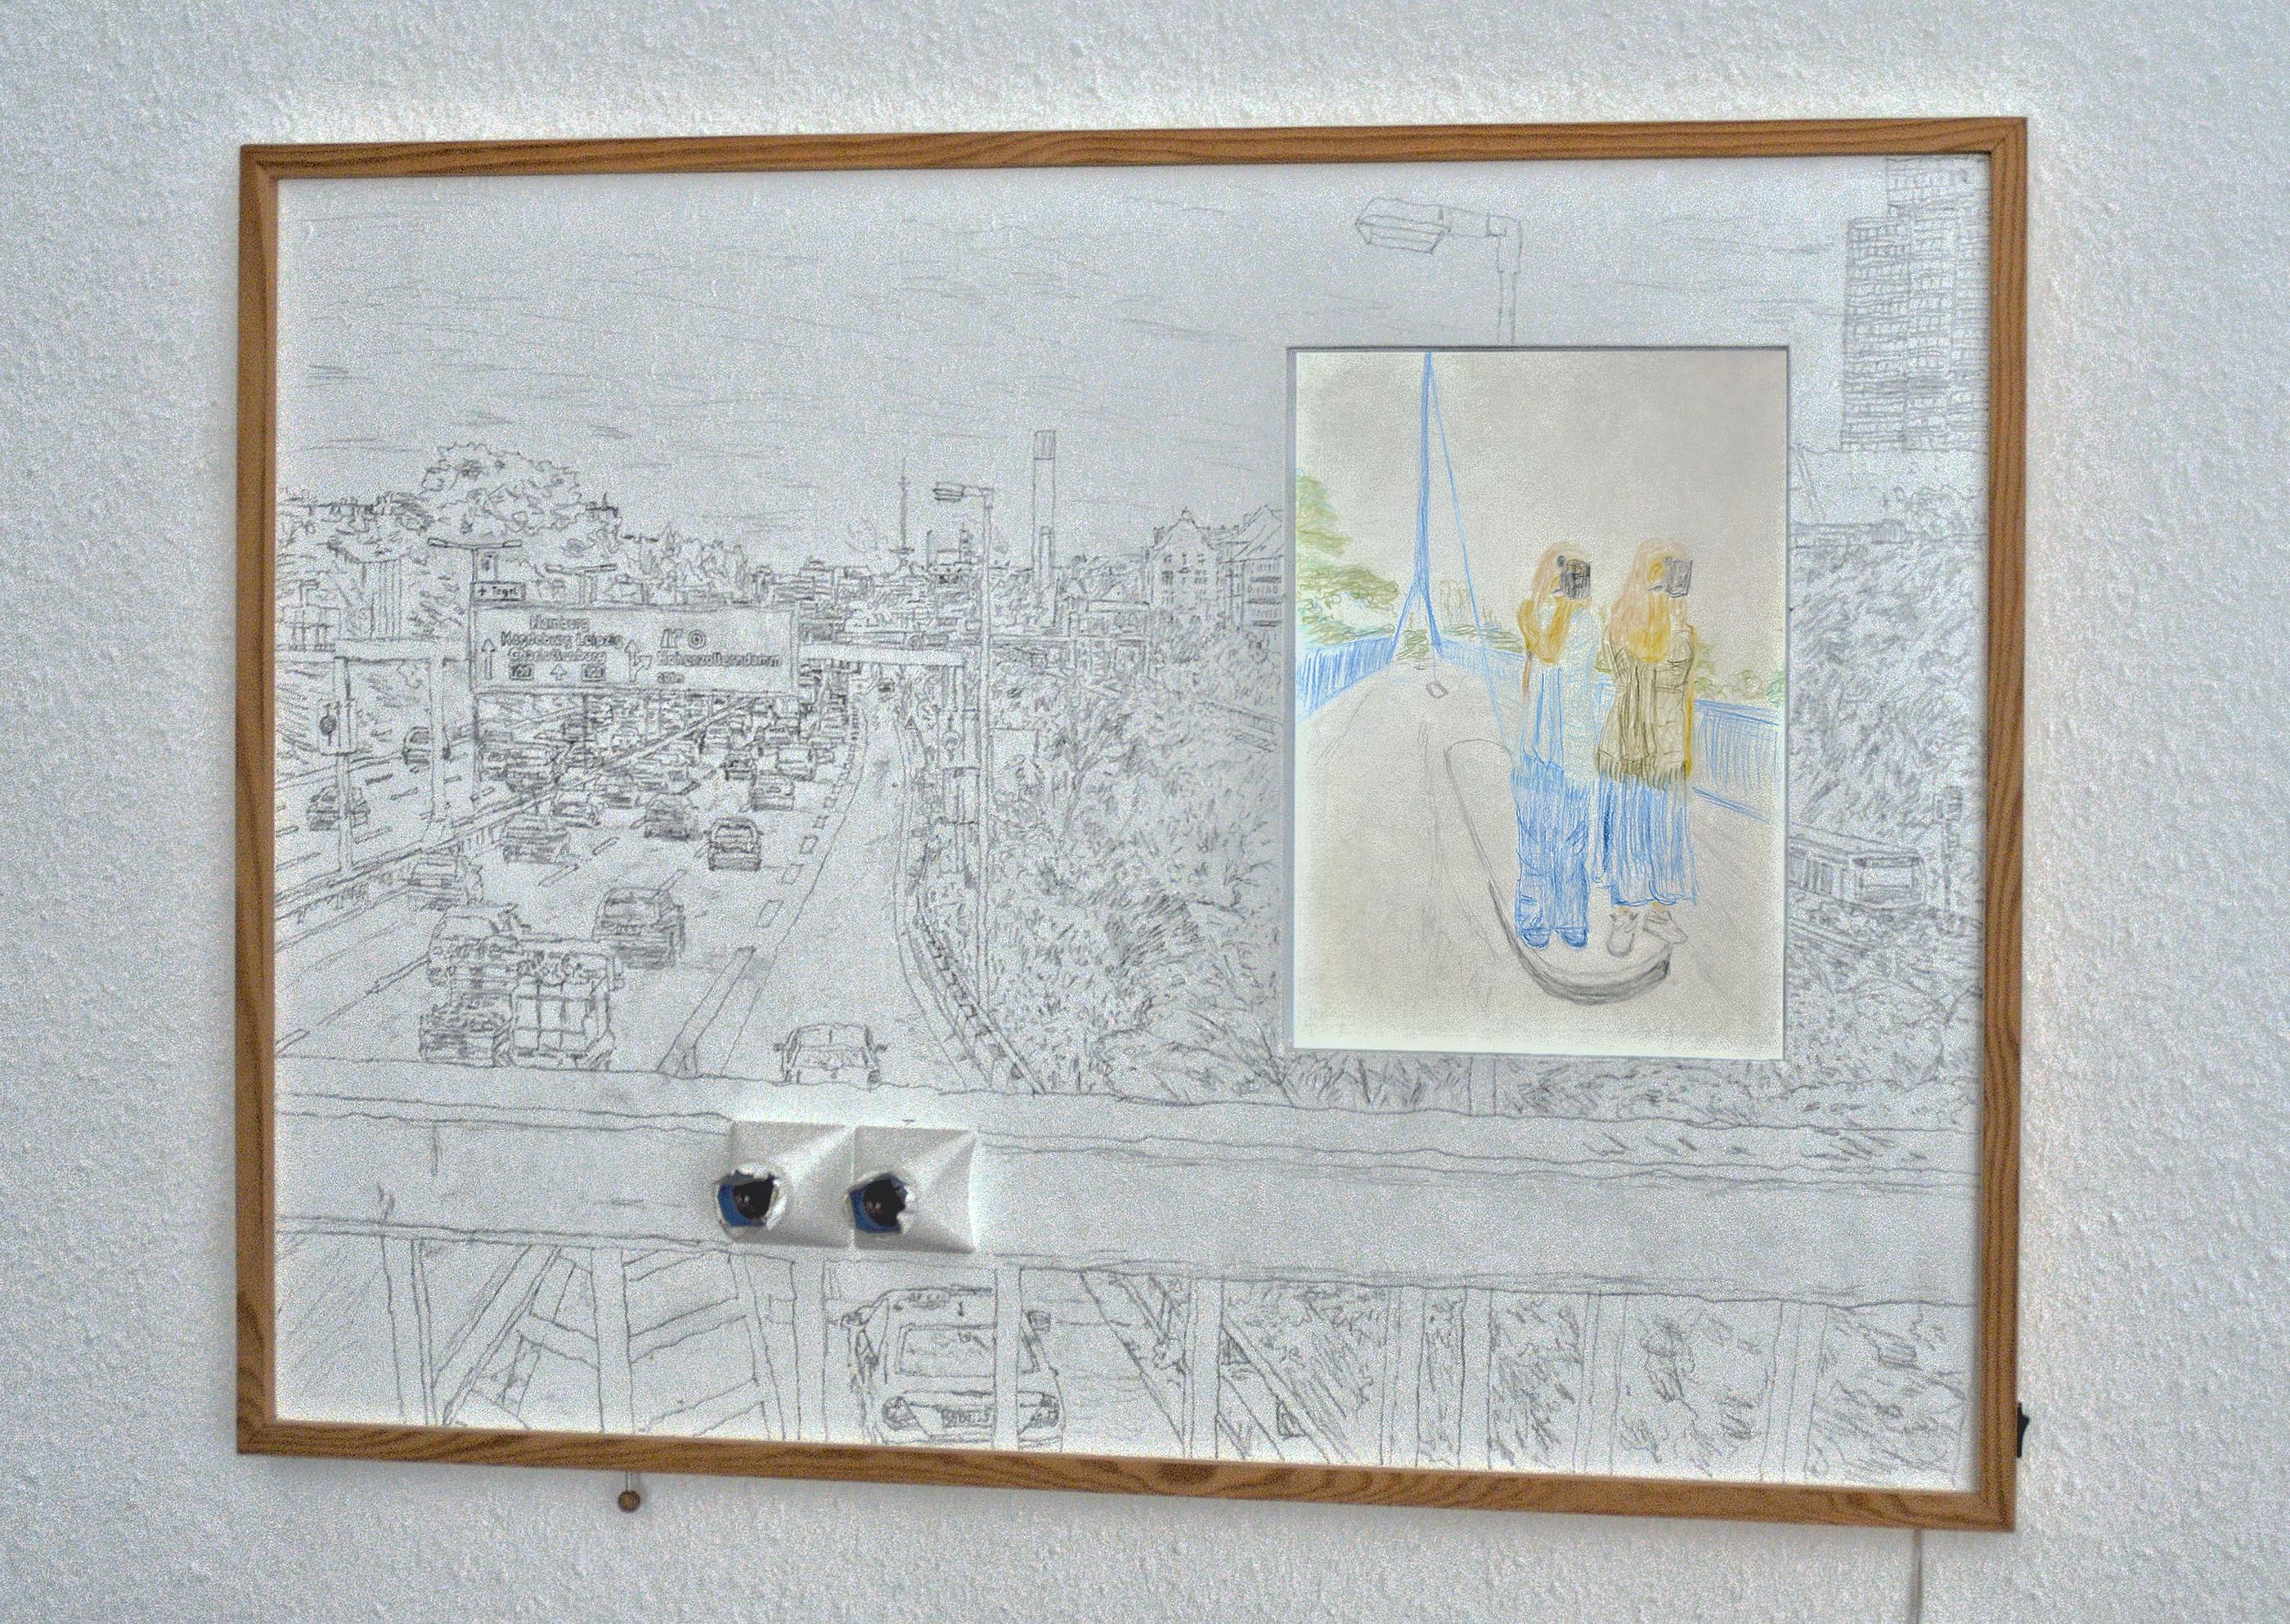 Wandbild - Fussgängerbrücke 'Hoher Bogen', A100